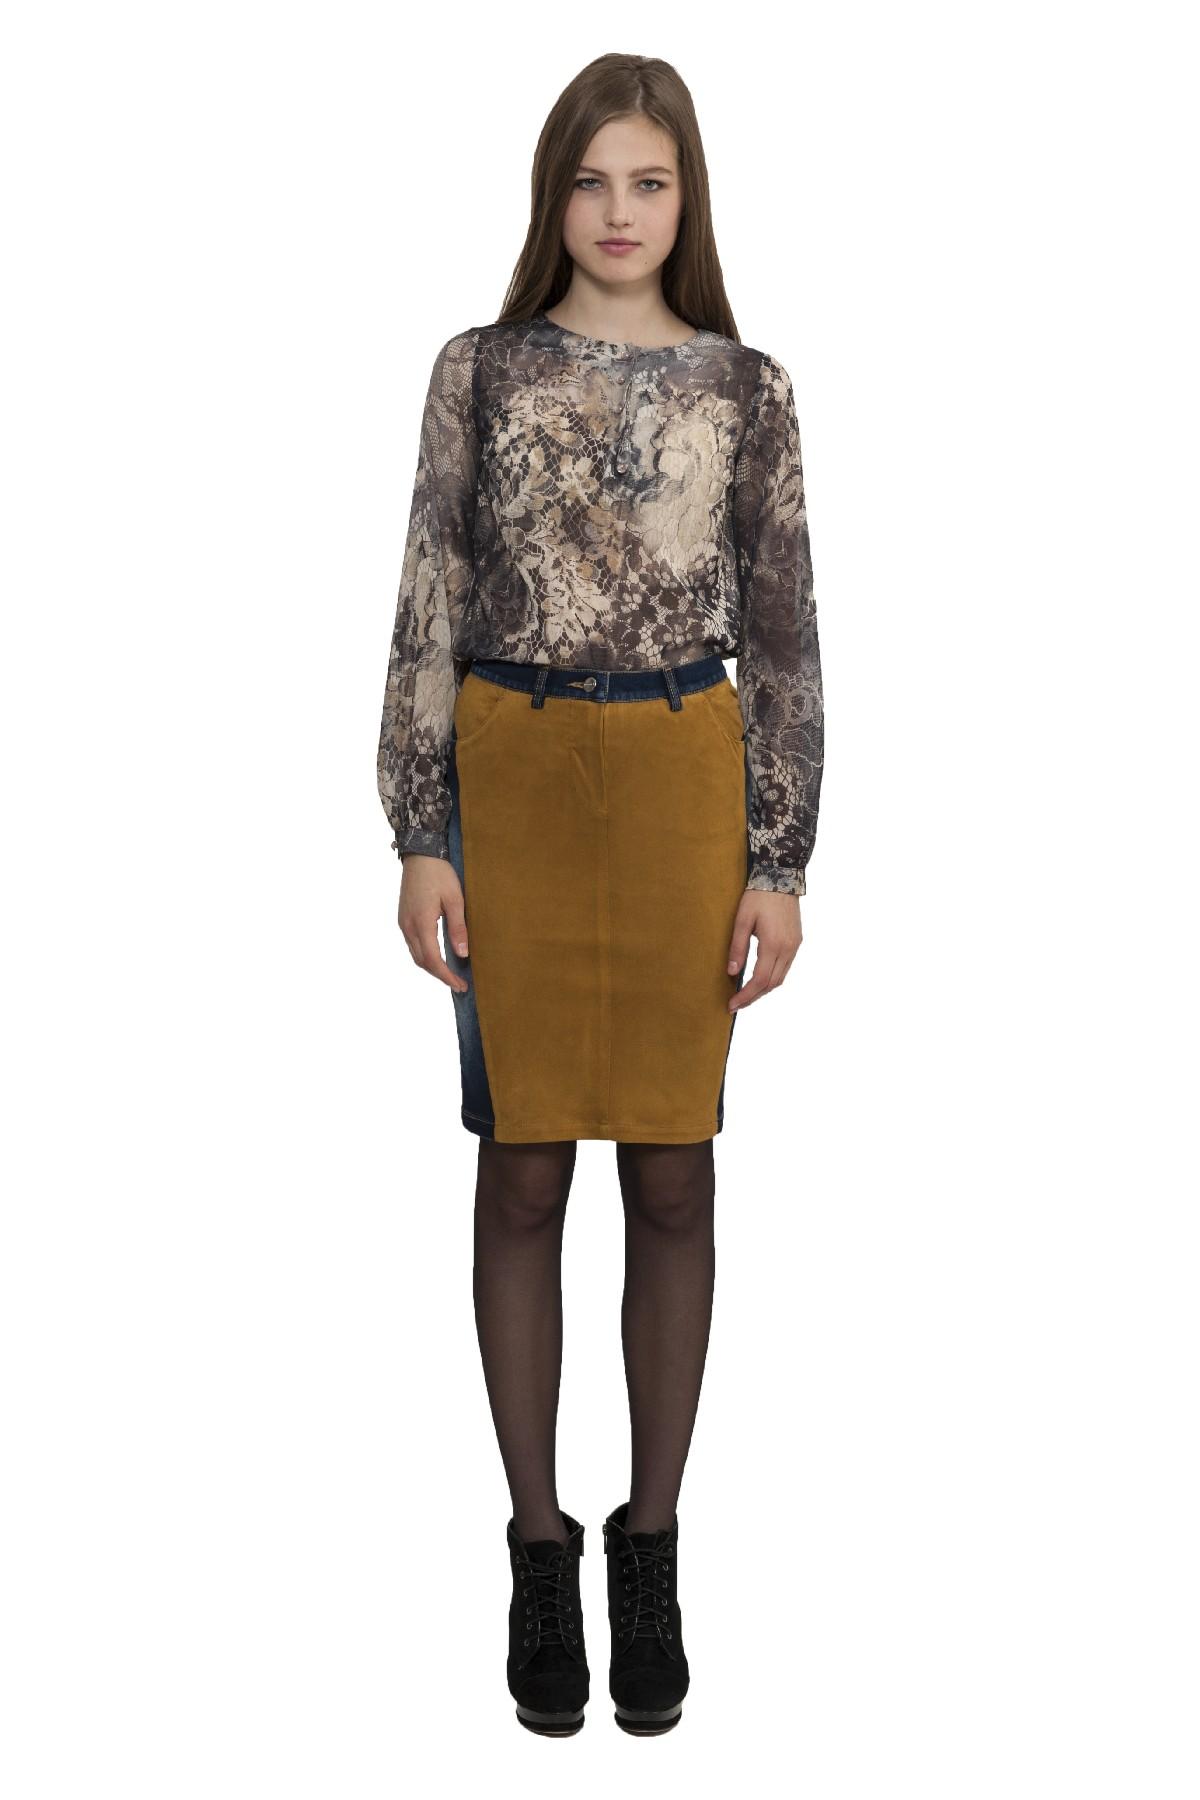 БлузаЖенские блузки<br>Изумительная полупрозрачная блузка - это, несомненно, привлекательный и женственный вариант в офис или на свидание.Блузка с длинными рукавами, выполненная в нежной цветовой гамме, что придаст образу неповторимый шарм.<br><br>Цвет: серый<br>Состав: 100% полиэстер<br>Размер: 40,42,44,46,48,50,52,54,56<br>Страна дизайна: Россия<br>Страна производства: Россия